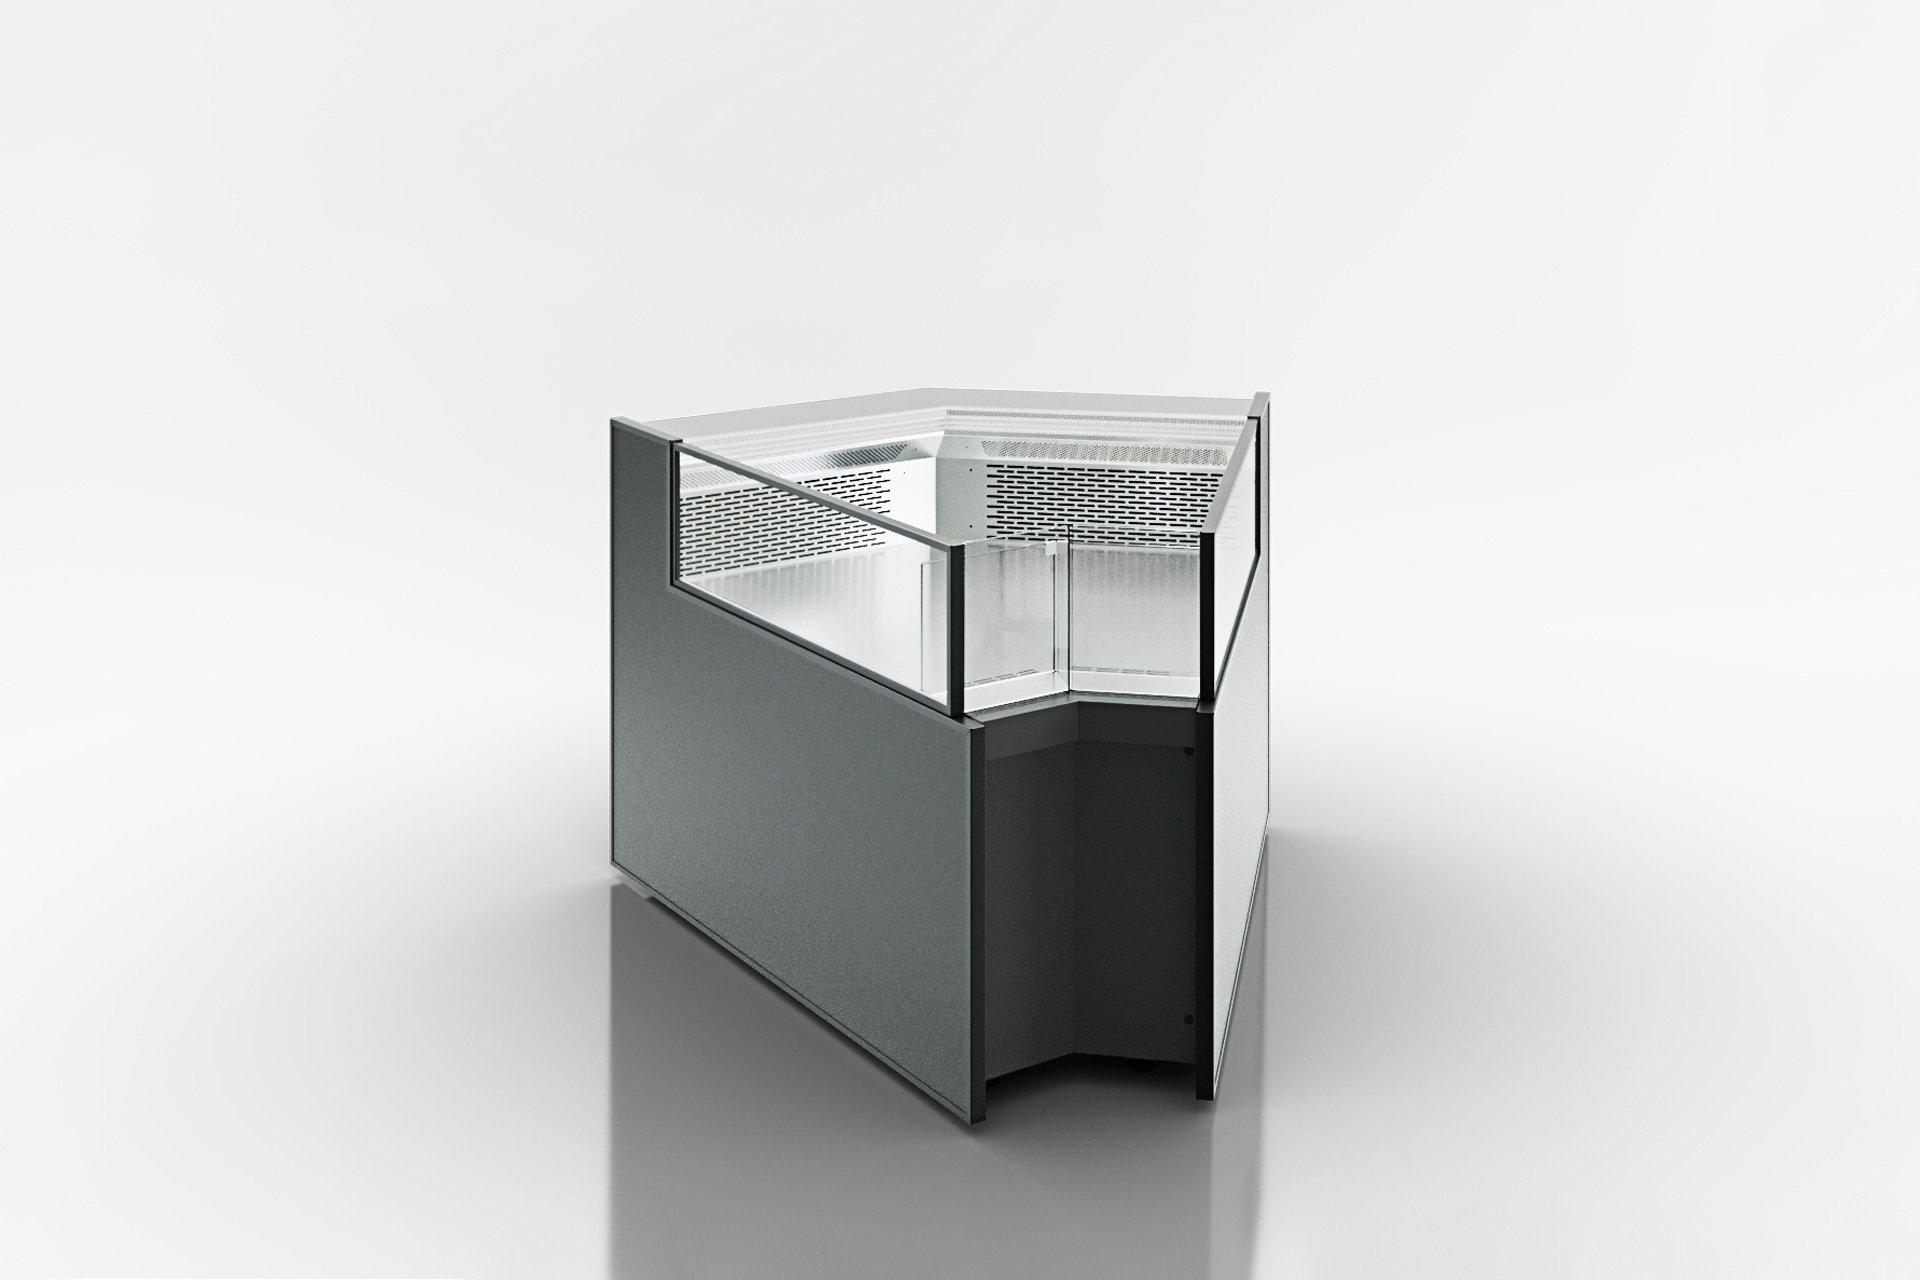 Угловые эленты холодильных витрин Missouri MC 120 deli self 086-DLM-IS45